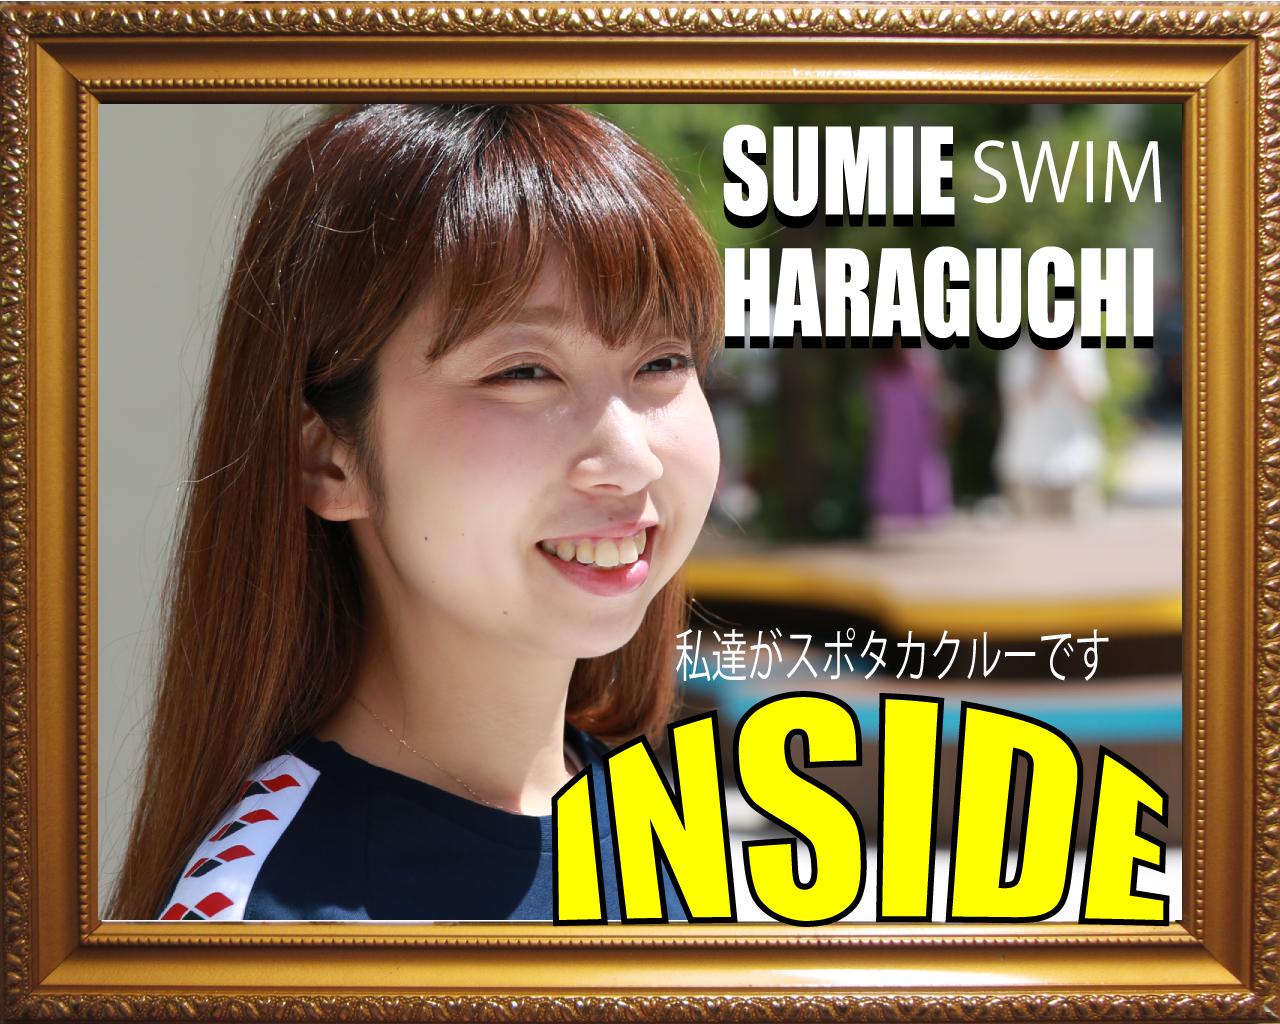 [INSIDE]私たちがスポタカクルーです。スイム SUMIE HARAGUCHI